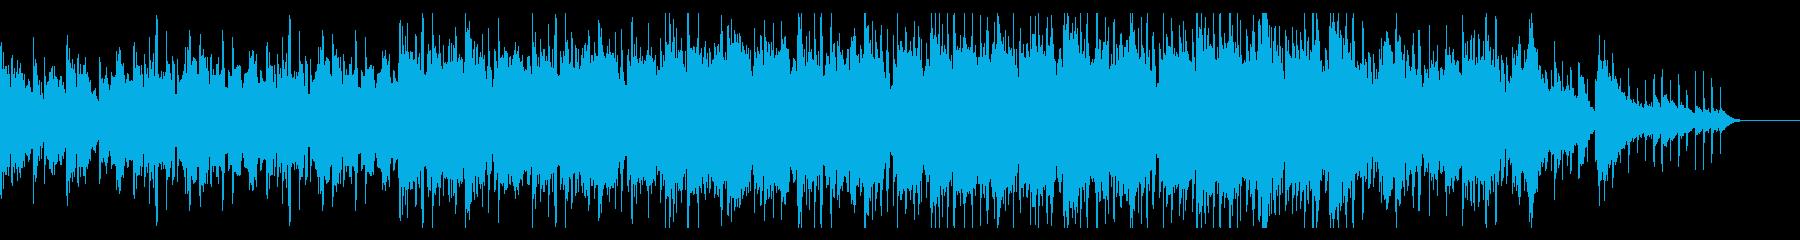 優しく幻想的な自然派エレクトロニカの再生済みの波形